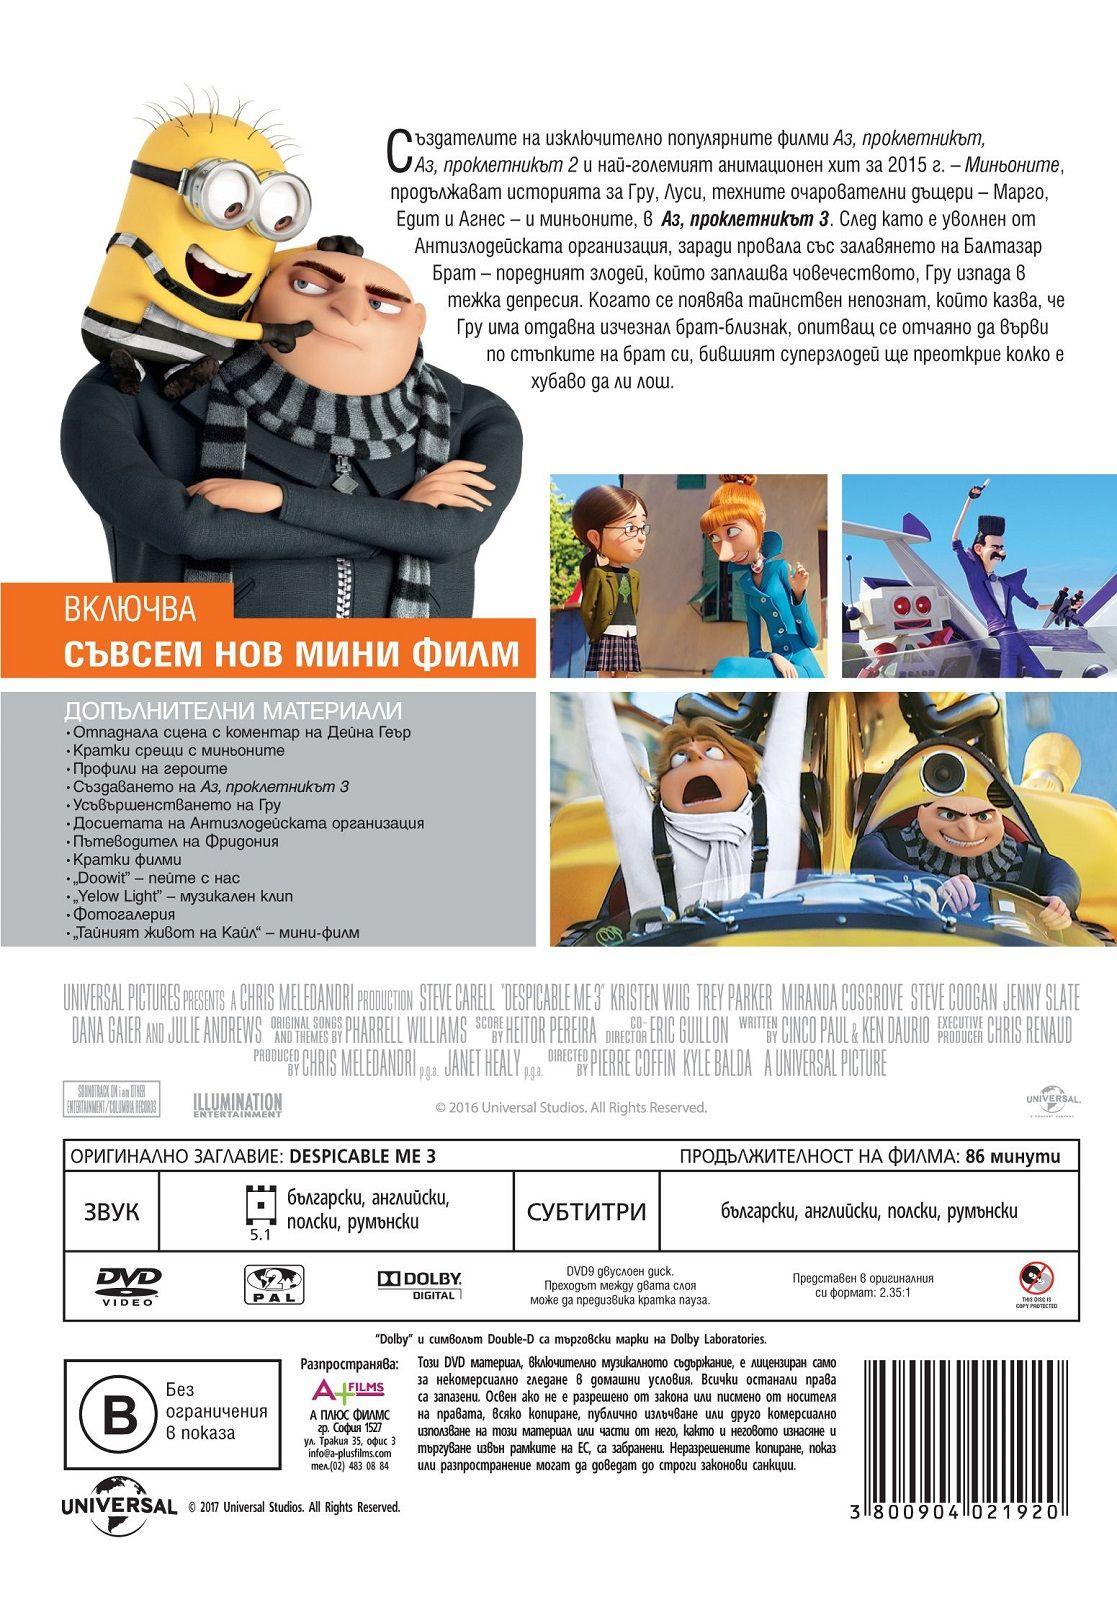 Аз, проклетникът 3 (DVD) - 3